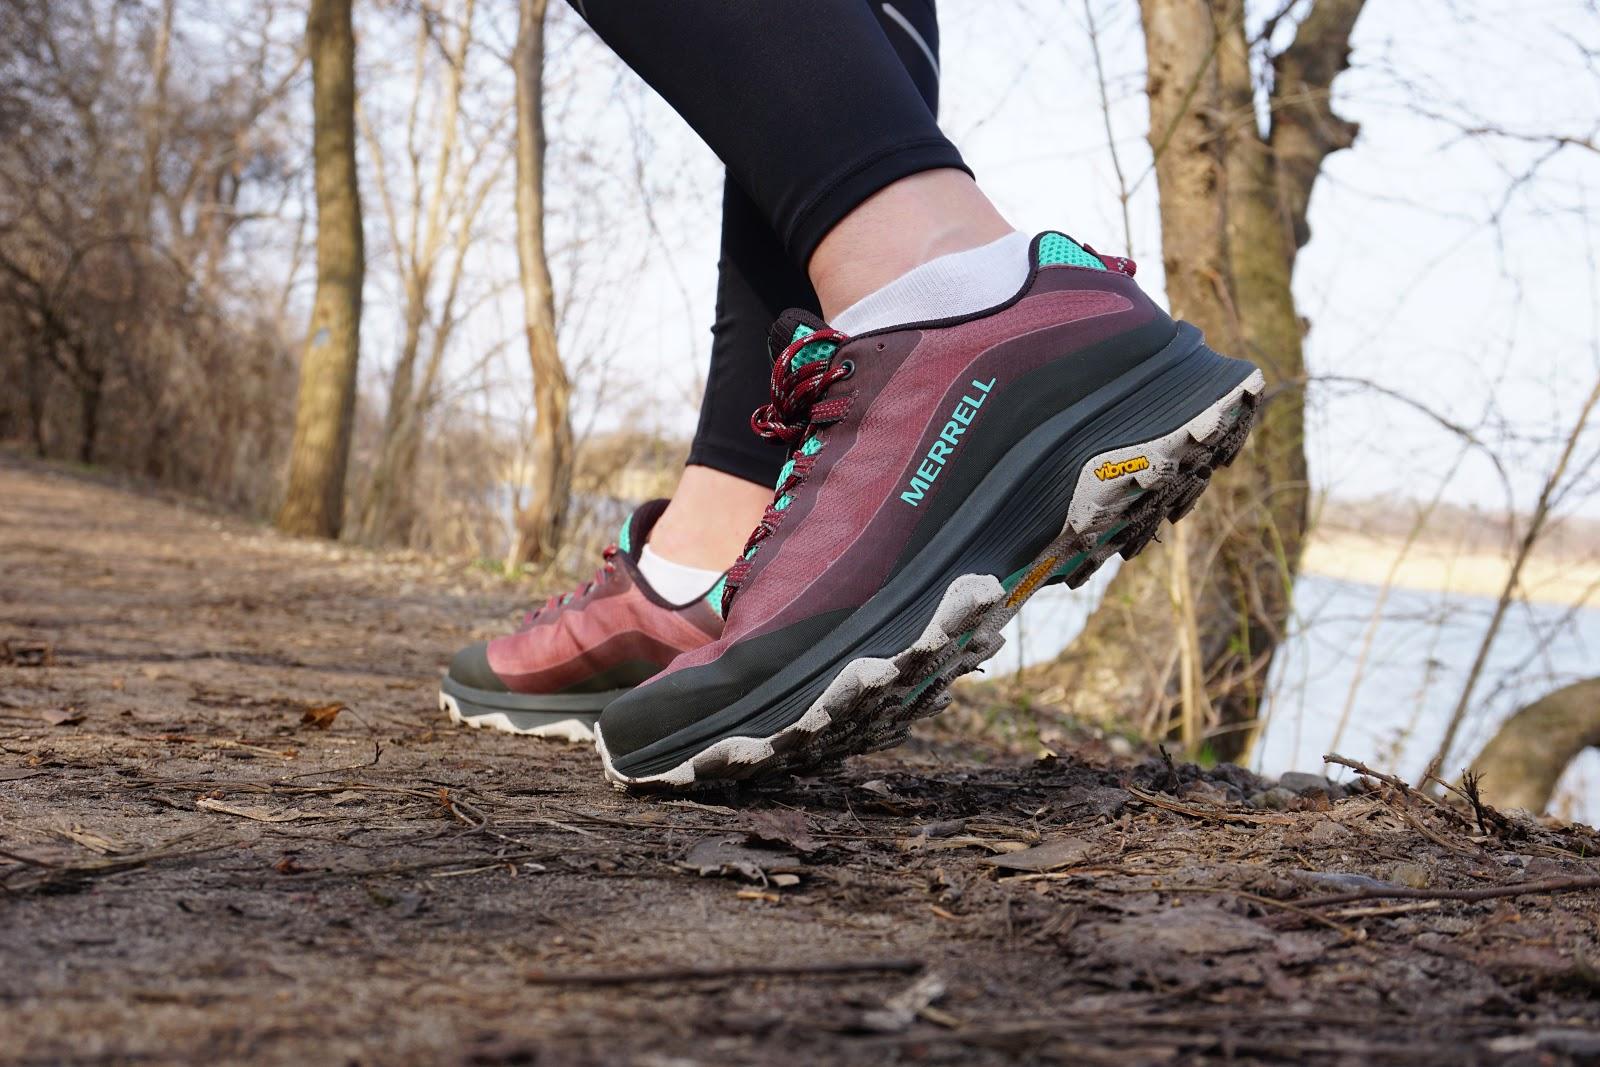 Ten but nie jest przeznaczony na wąskie, czy też szerokie stopy - powiedziałabym, że został osiągnięty kompromis. Sznurówki mocno trzymają stopę.